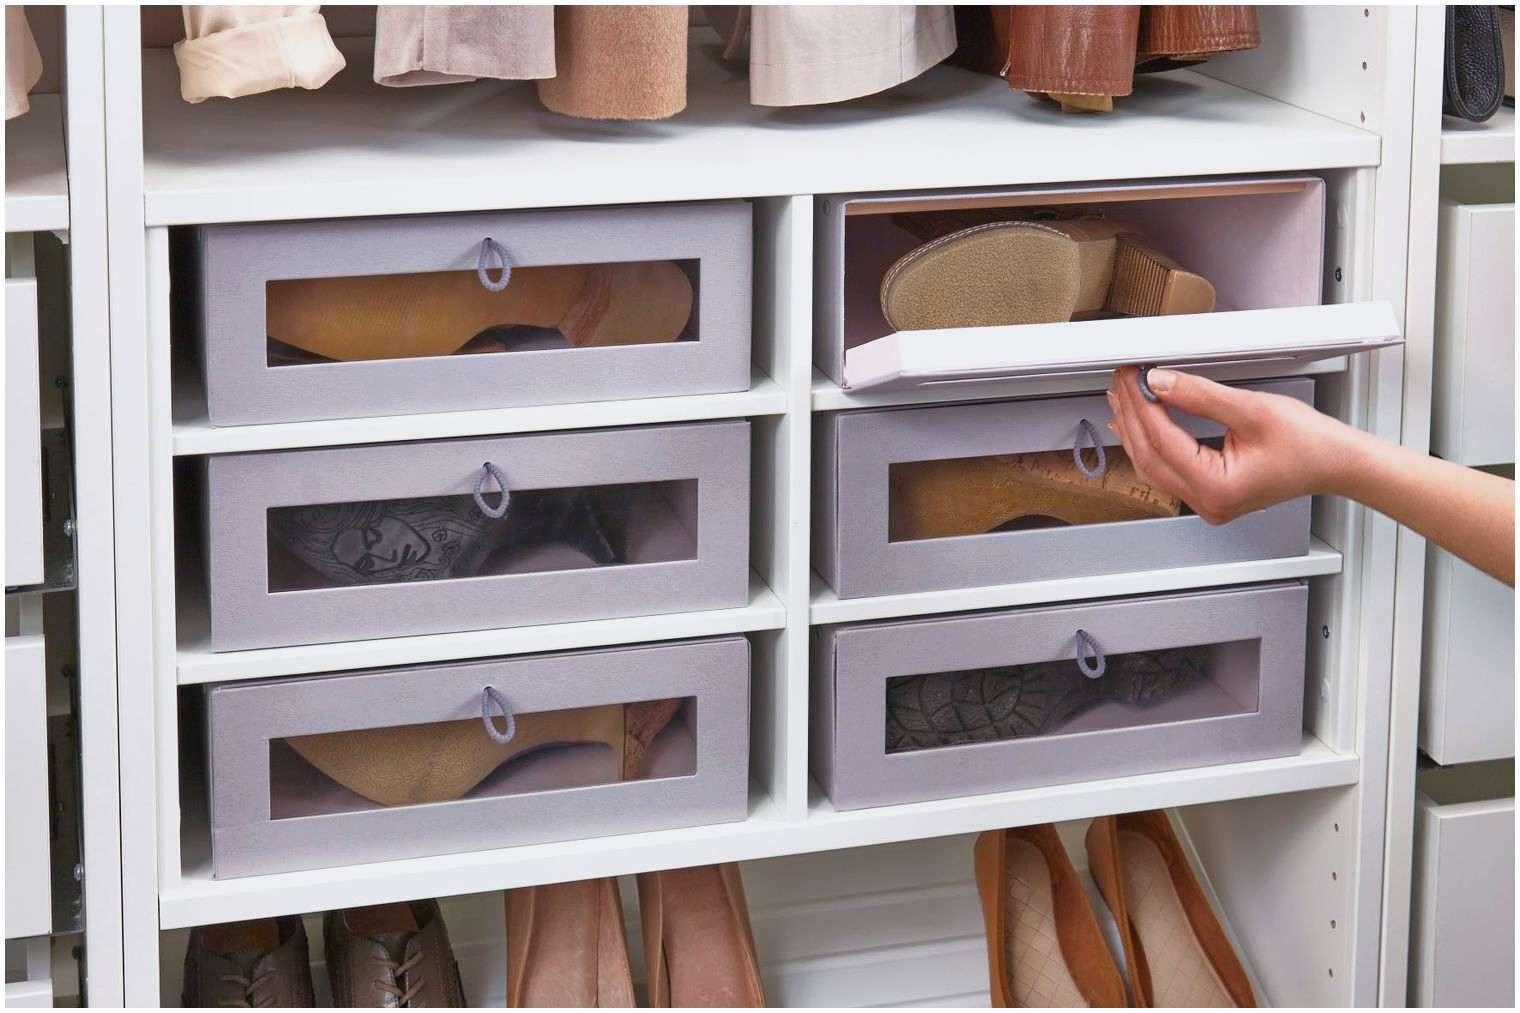 Rangement sous Lit Beau Beau Luxe De Maison Meubles De Plus Passionné Ikea Rangement sous